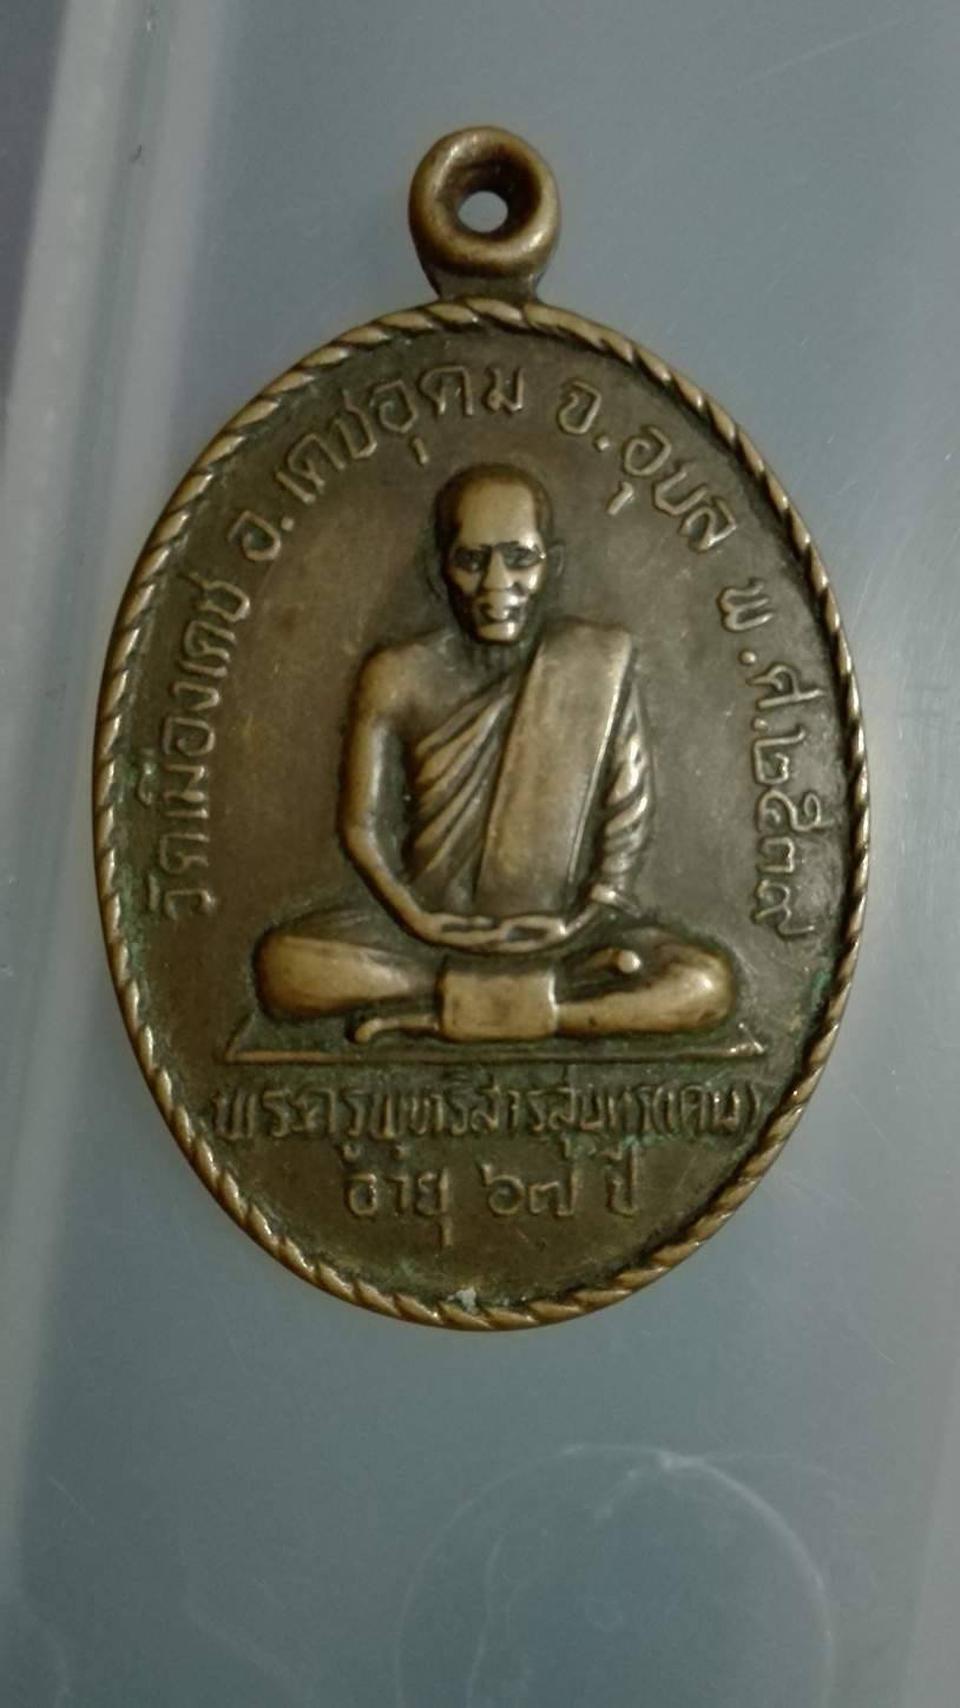 เหรียญพระครูพุทธิสารสุนทร(เคน) วัดเมืองเดช อ.เดชอุดม จ.อุบลราชธานี ปี 2539 อายุ67ปี รูปที่ 1